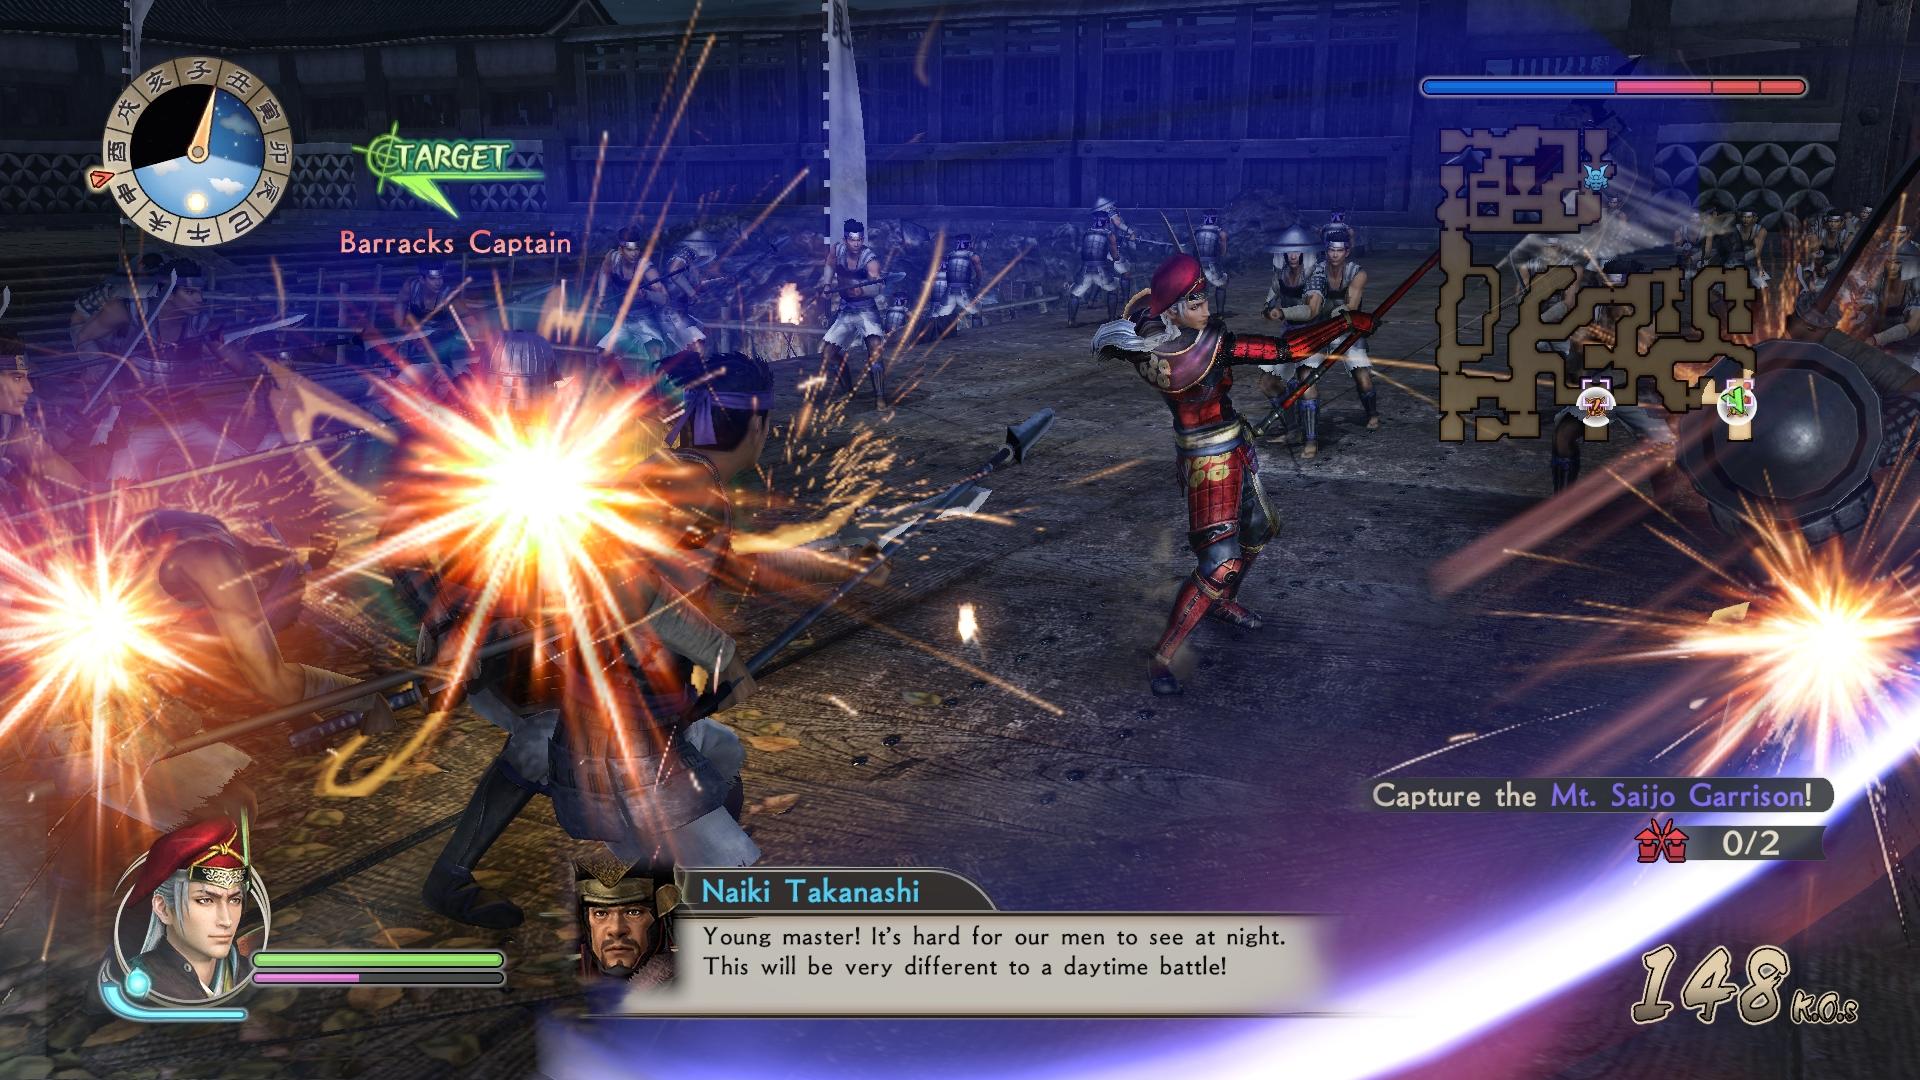 samuraiwarriorsspiritofsanada_screenshot02